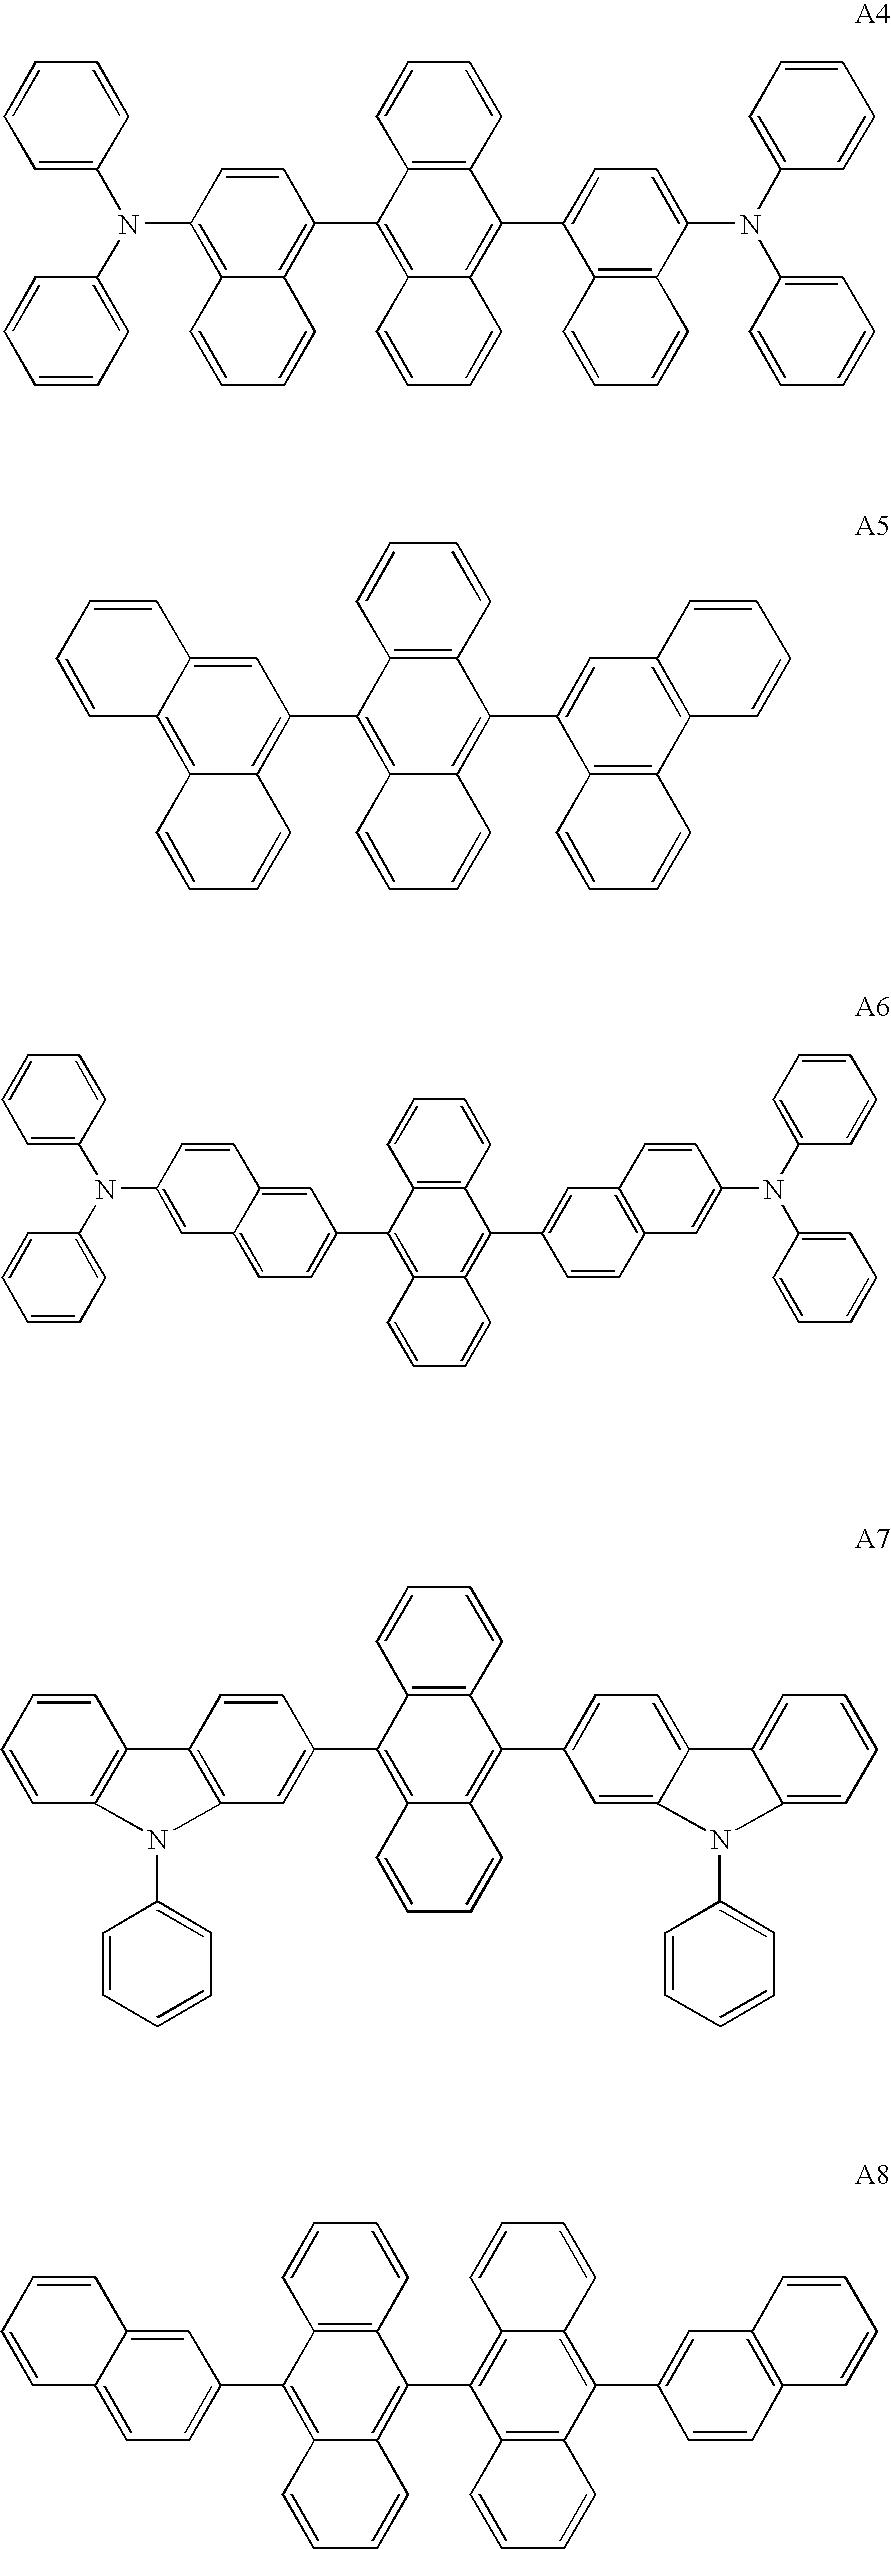 Figure US20090053559A1-20090226-C00003